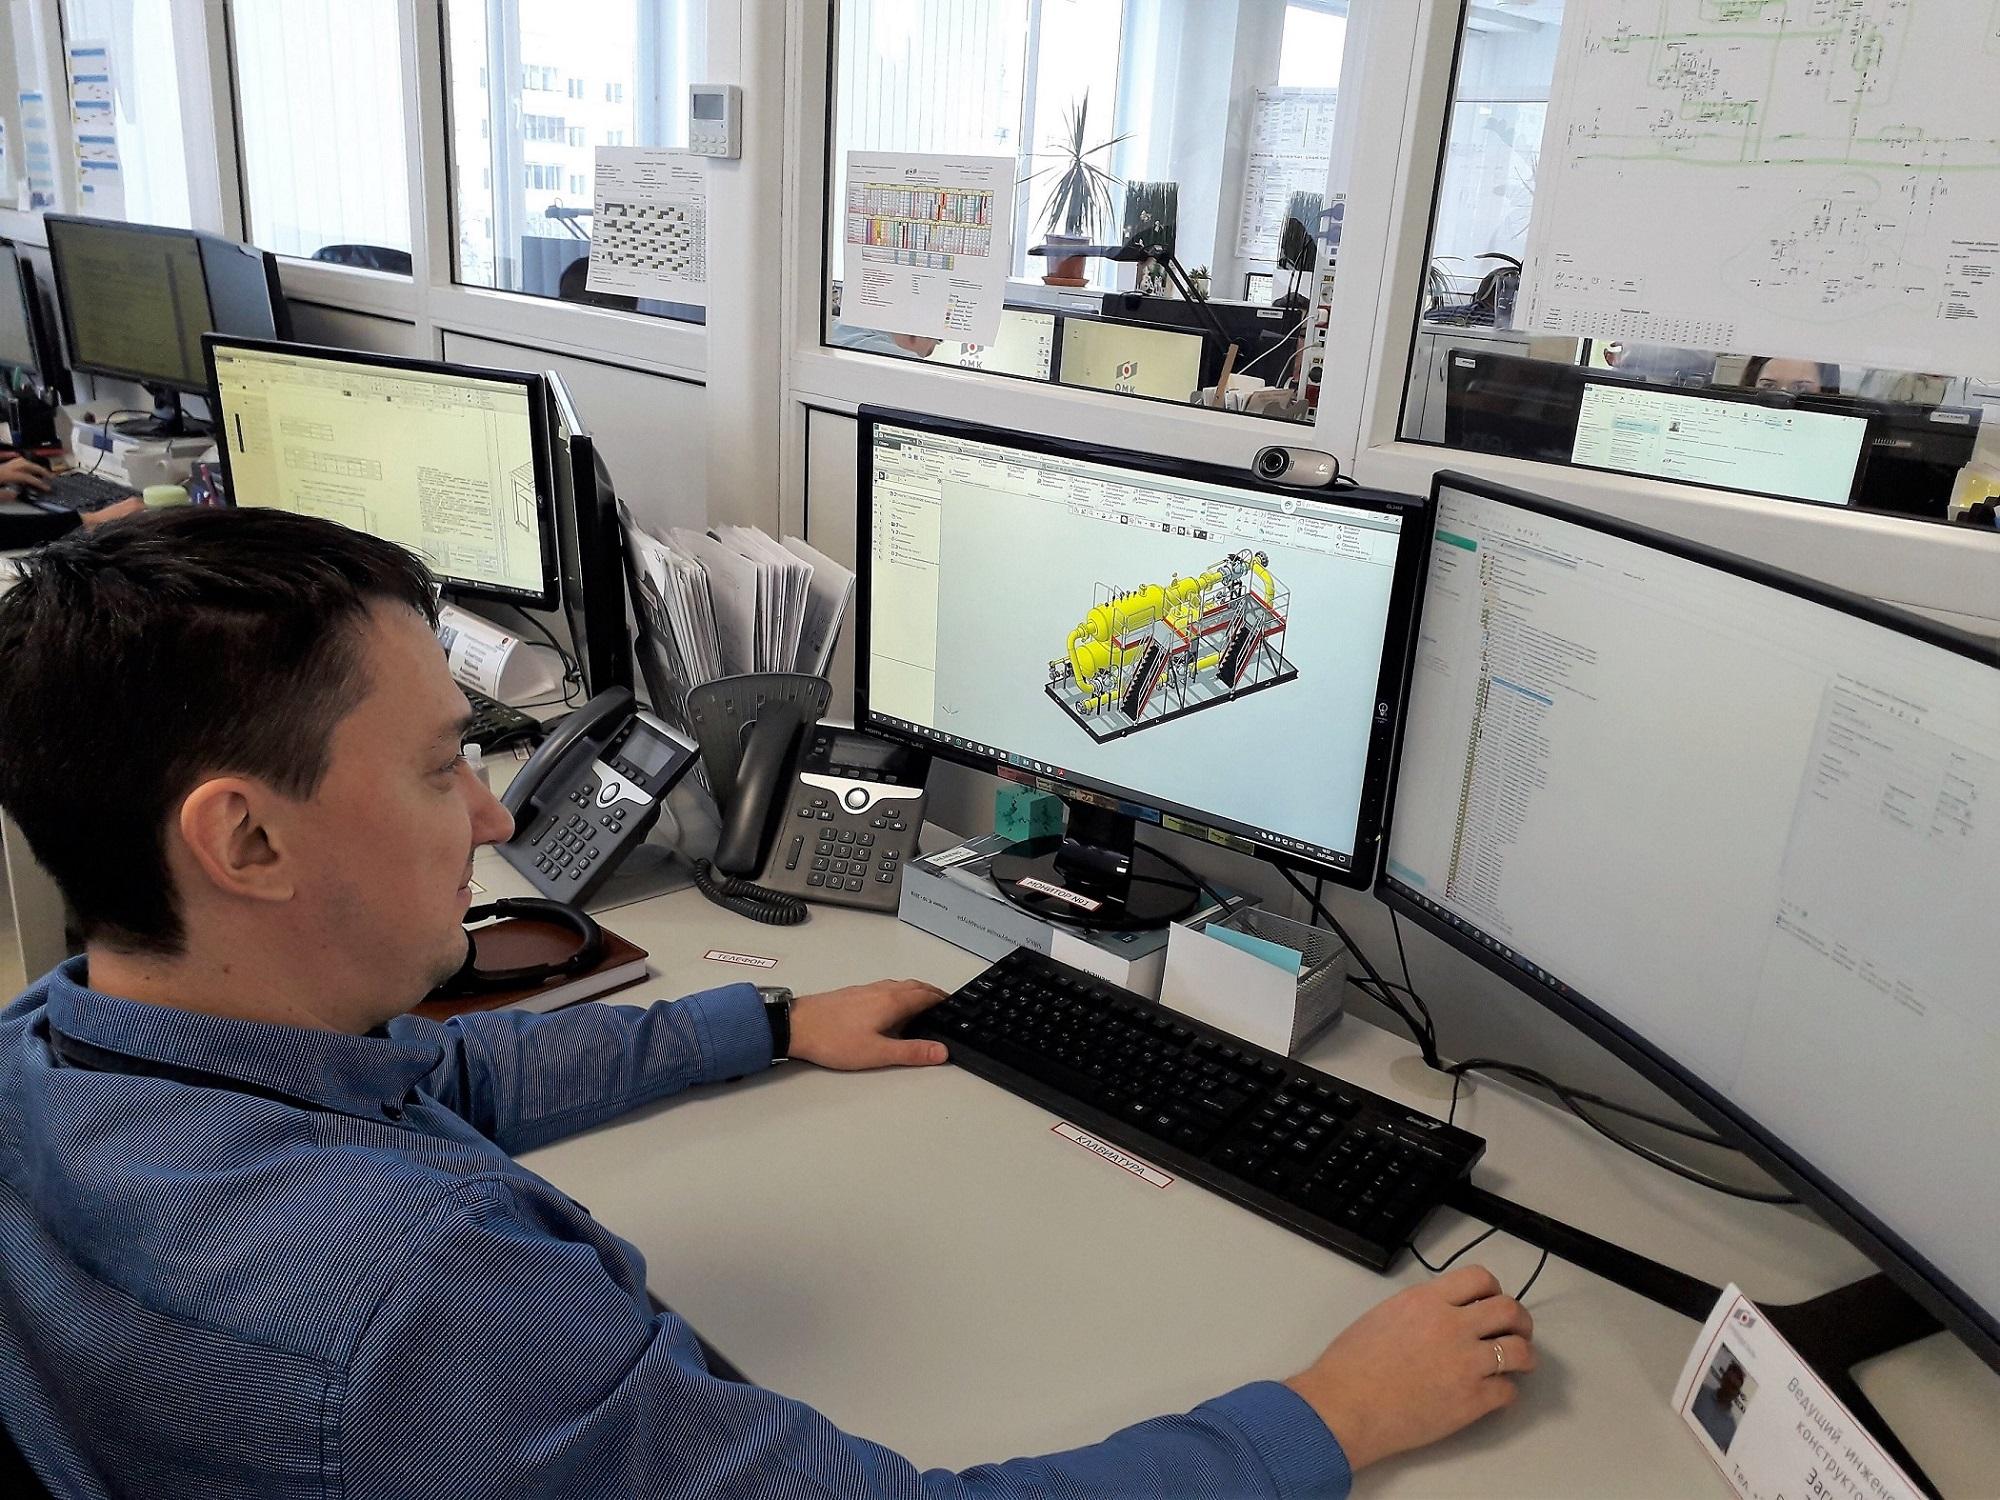 Челябинский завод ОМК изобрел и запатентовал устройство для очистки газа в трубопроводах от залповых поступл …